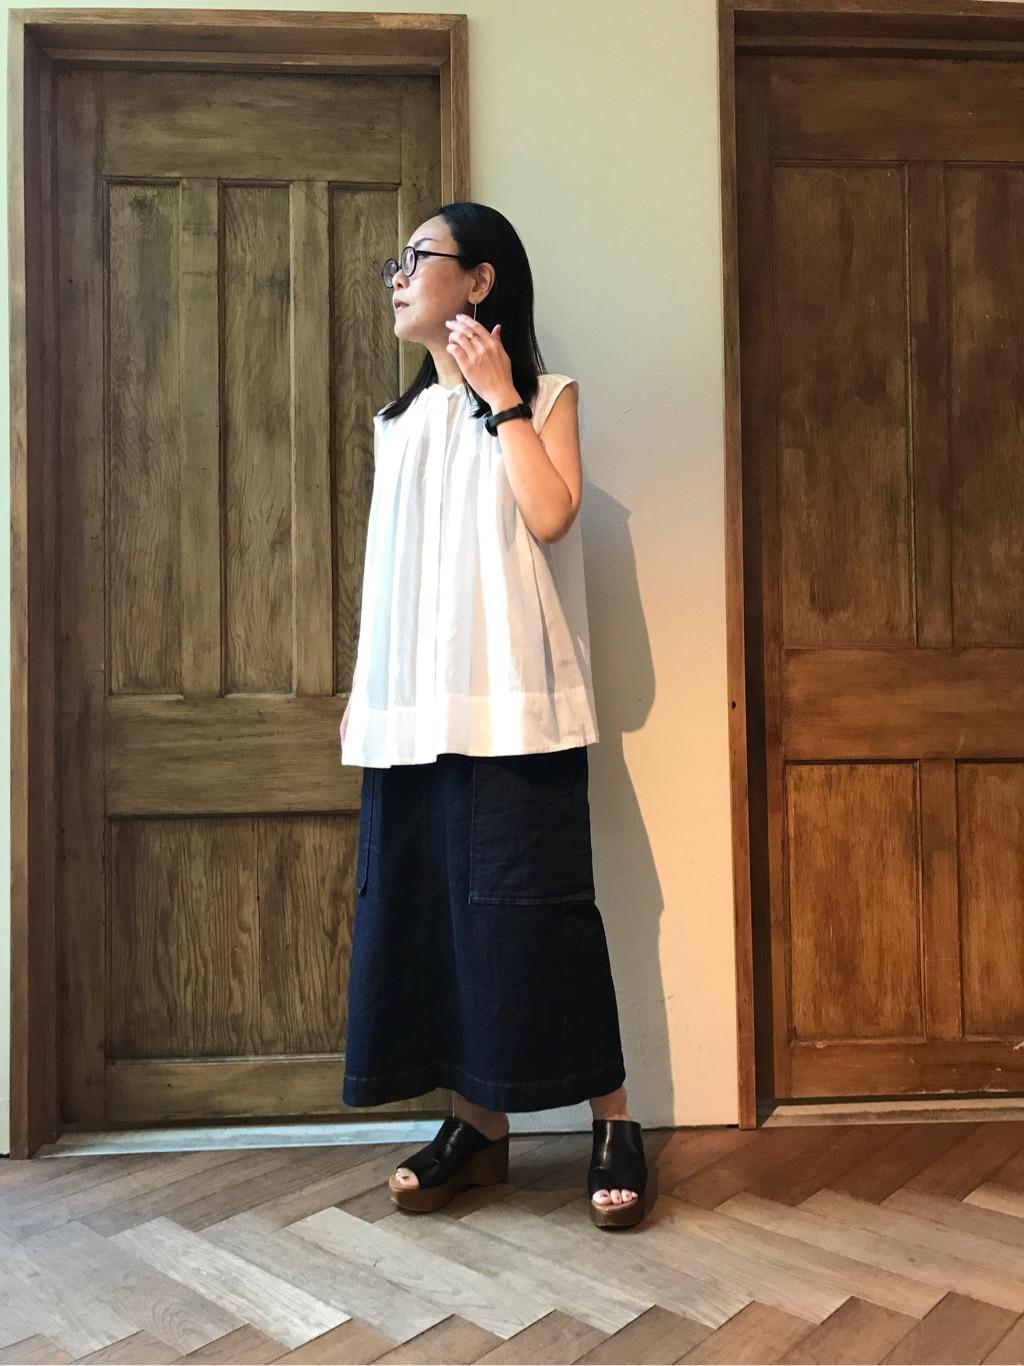 yuni 京都路面 身長:152cm 2020.08.07